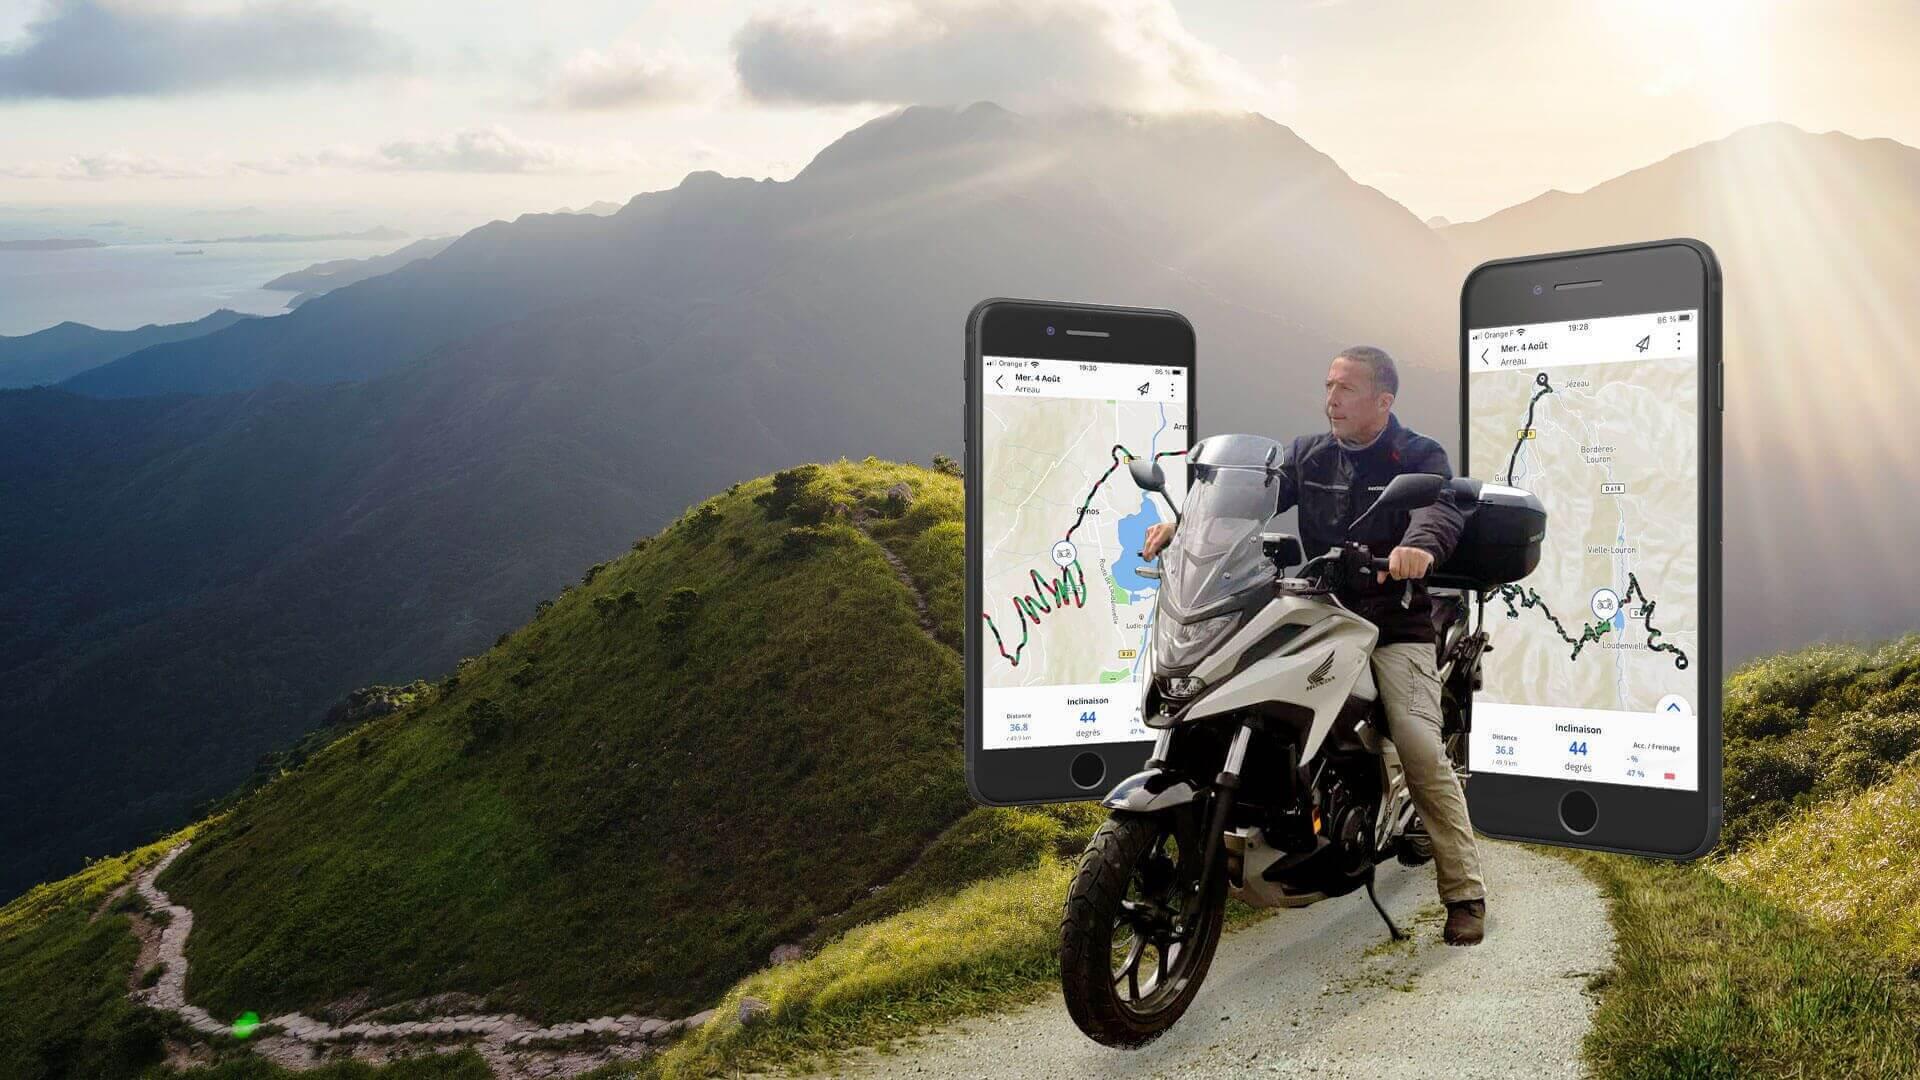 Un motard en selle sur une route au milieu d'un paysage montagneux : roadtrip moto